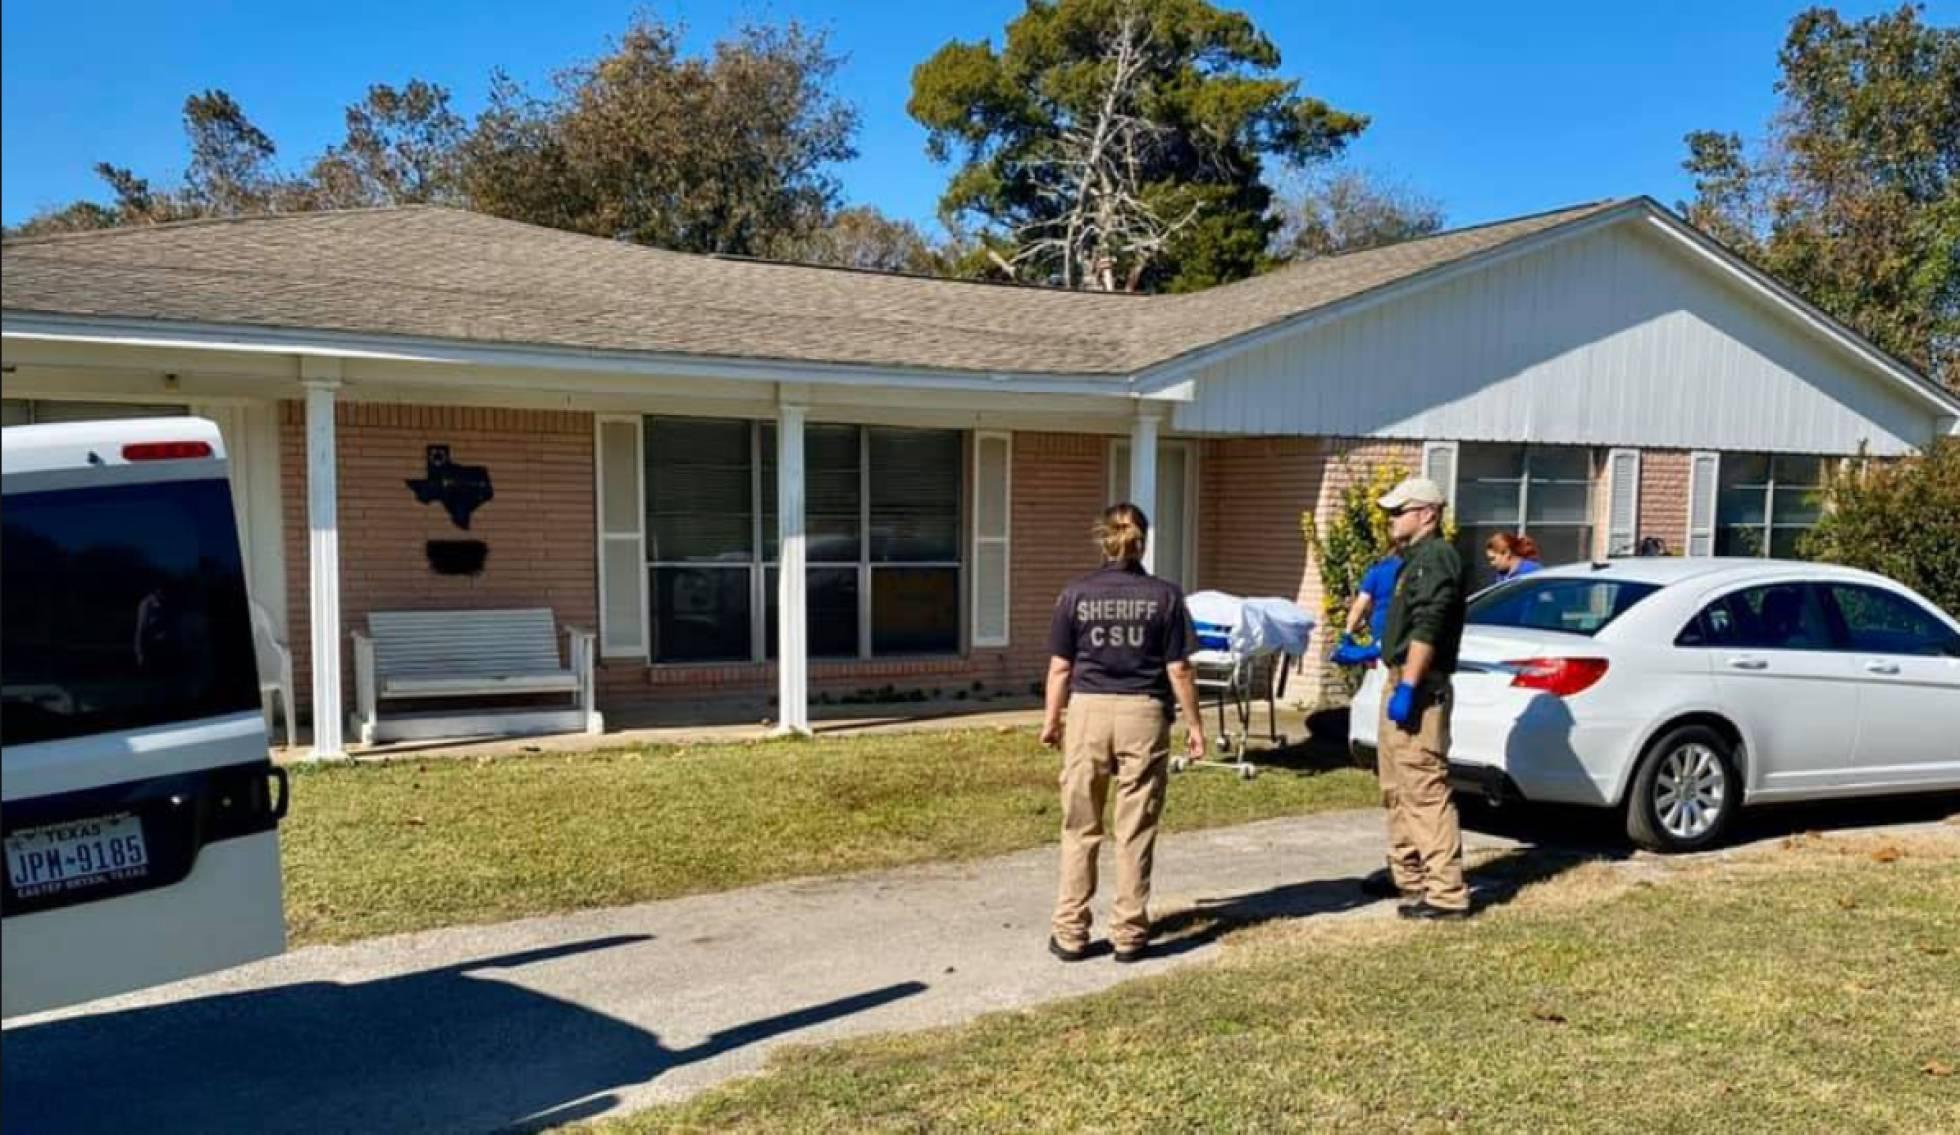 Jabalíes salvajes matan a una mujer ante la casa donde trabajaba en Texas